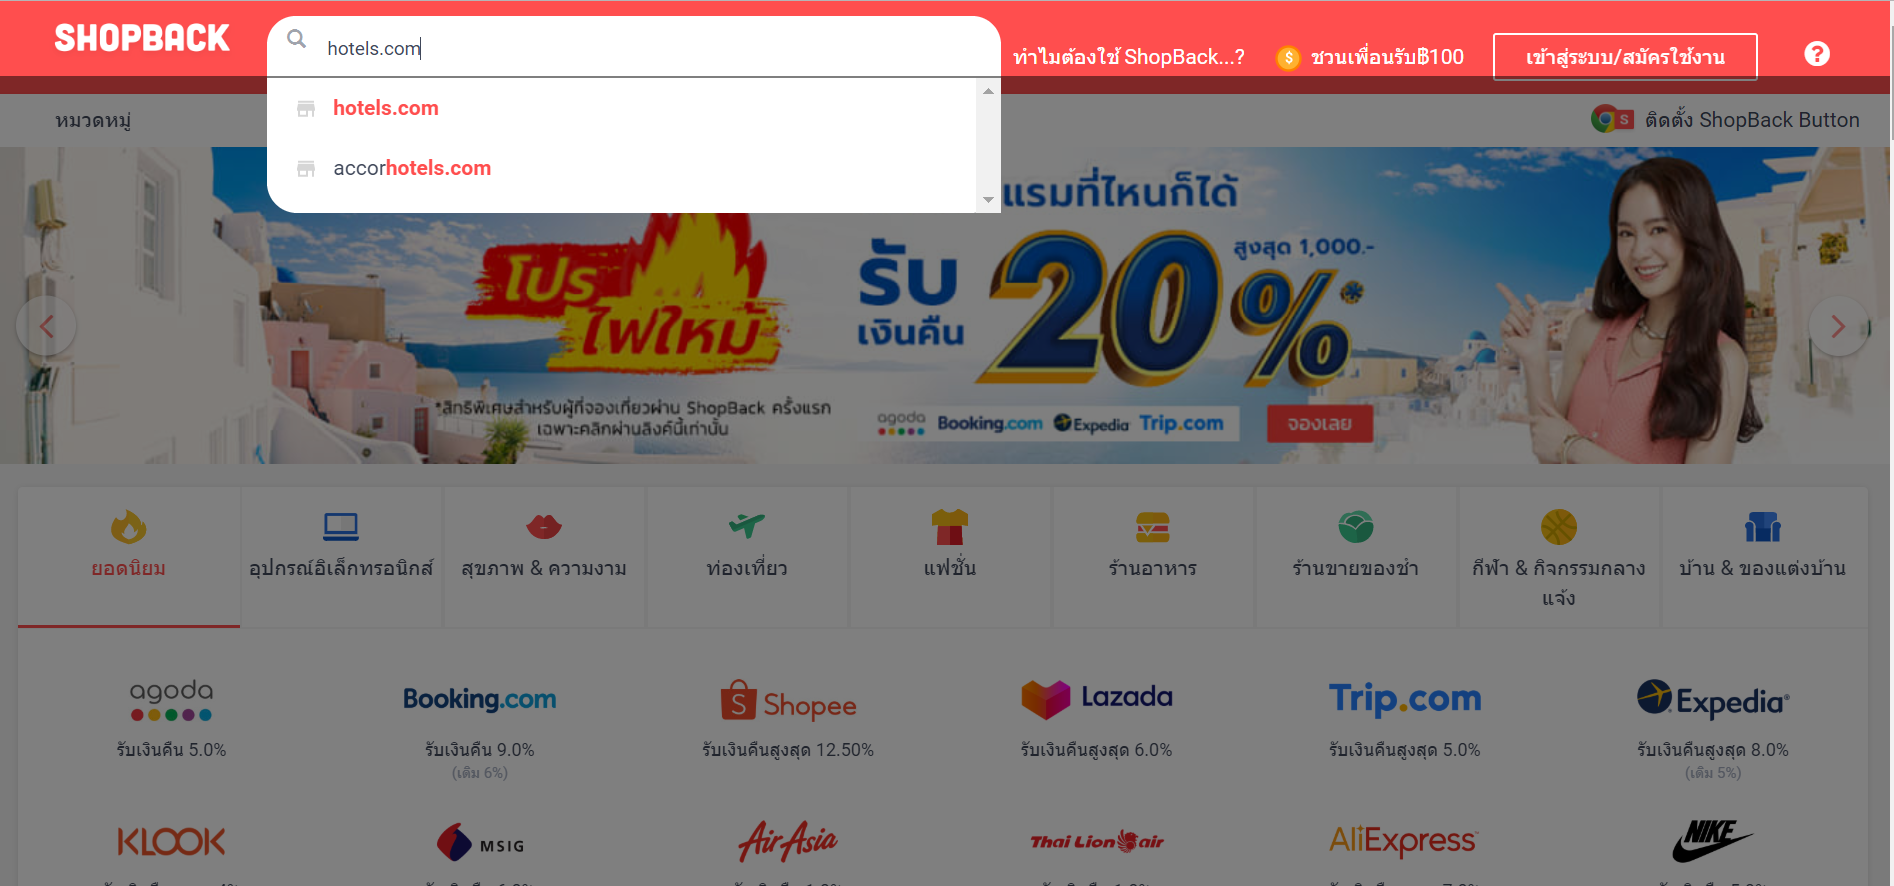 มีส่วนลด Hotels.com แล้วก็มาจองผ่าน ShopBack ให้ได้เงินคืนกันเถอะ!